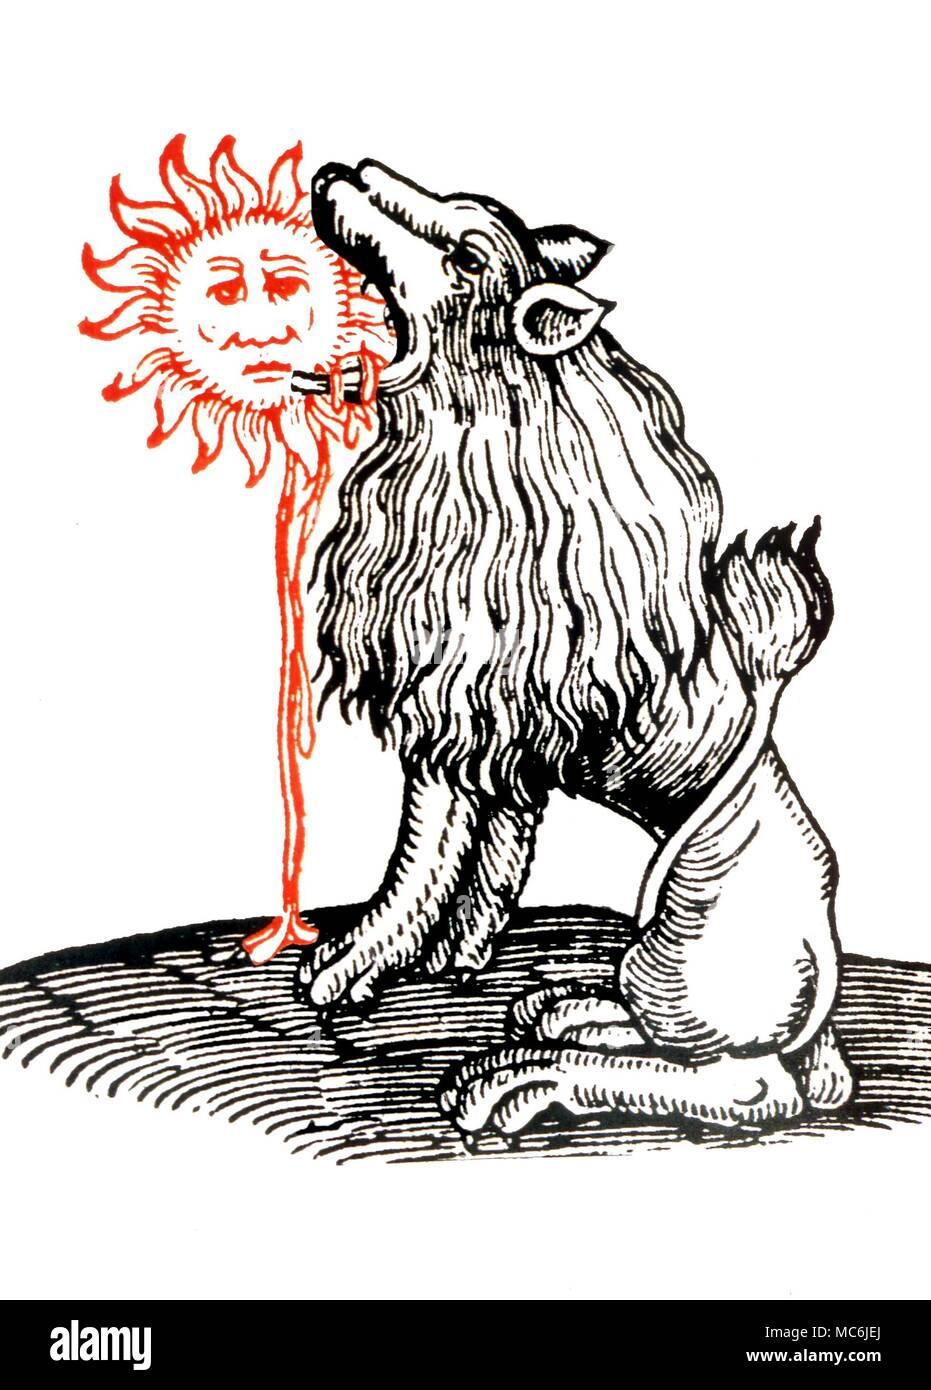 Alchemy Lion Vert Imprimer Symbolique Alchimique Montrant Le Lion Vert Manger Le Soleil Apres Un 16e Siecle Imprimer Photo Stock Alamy